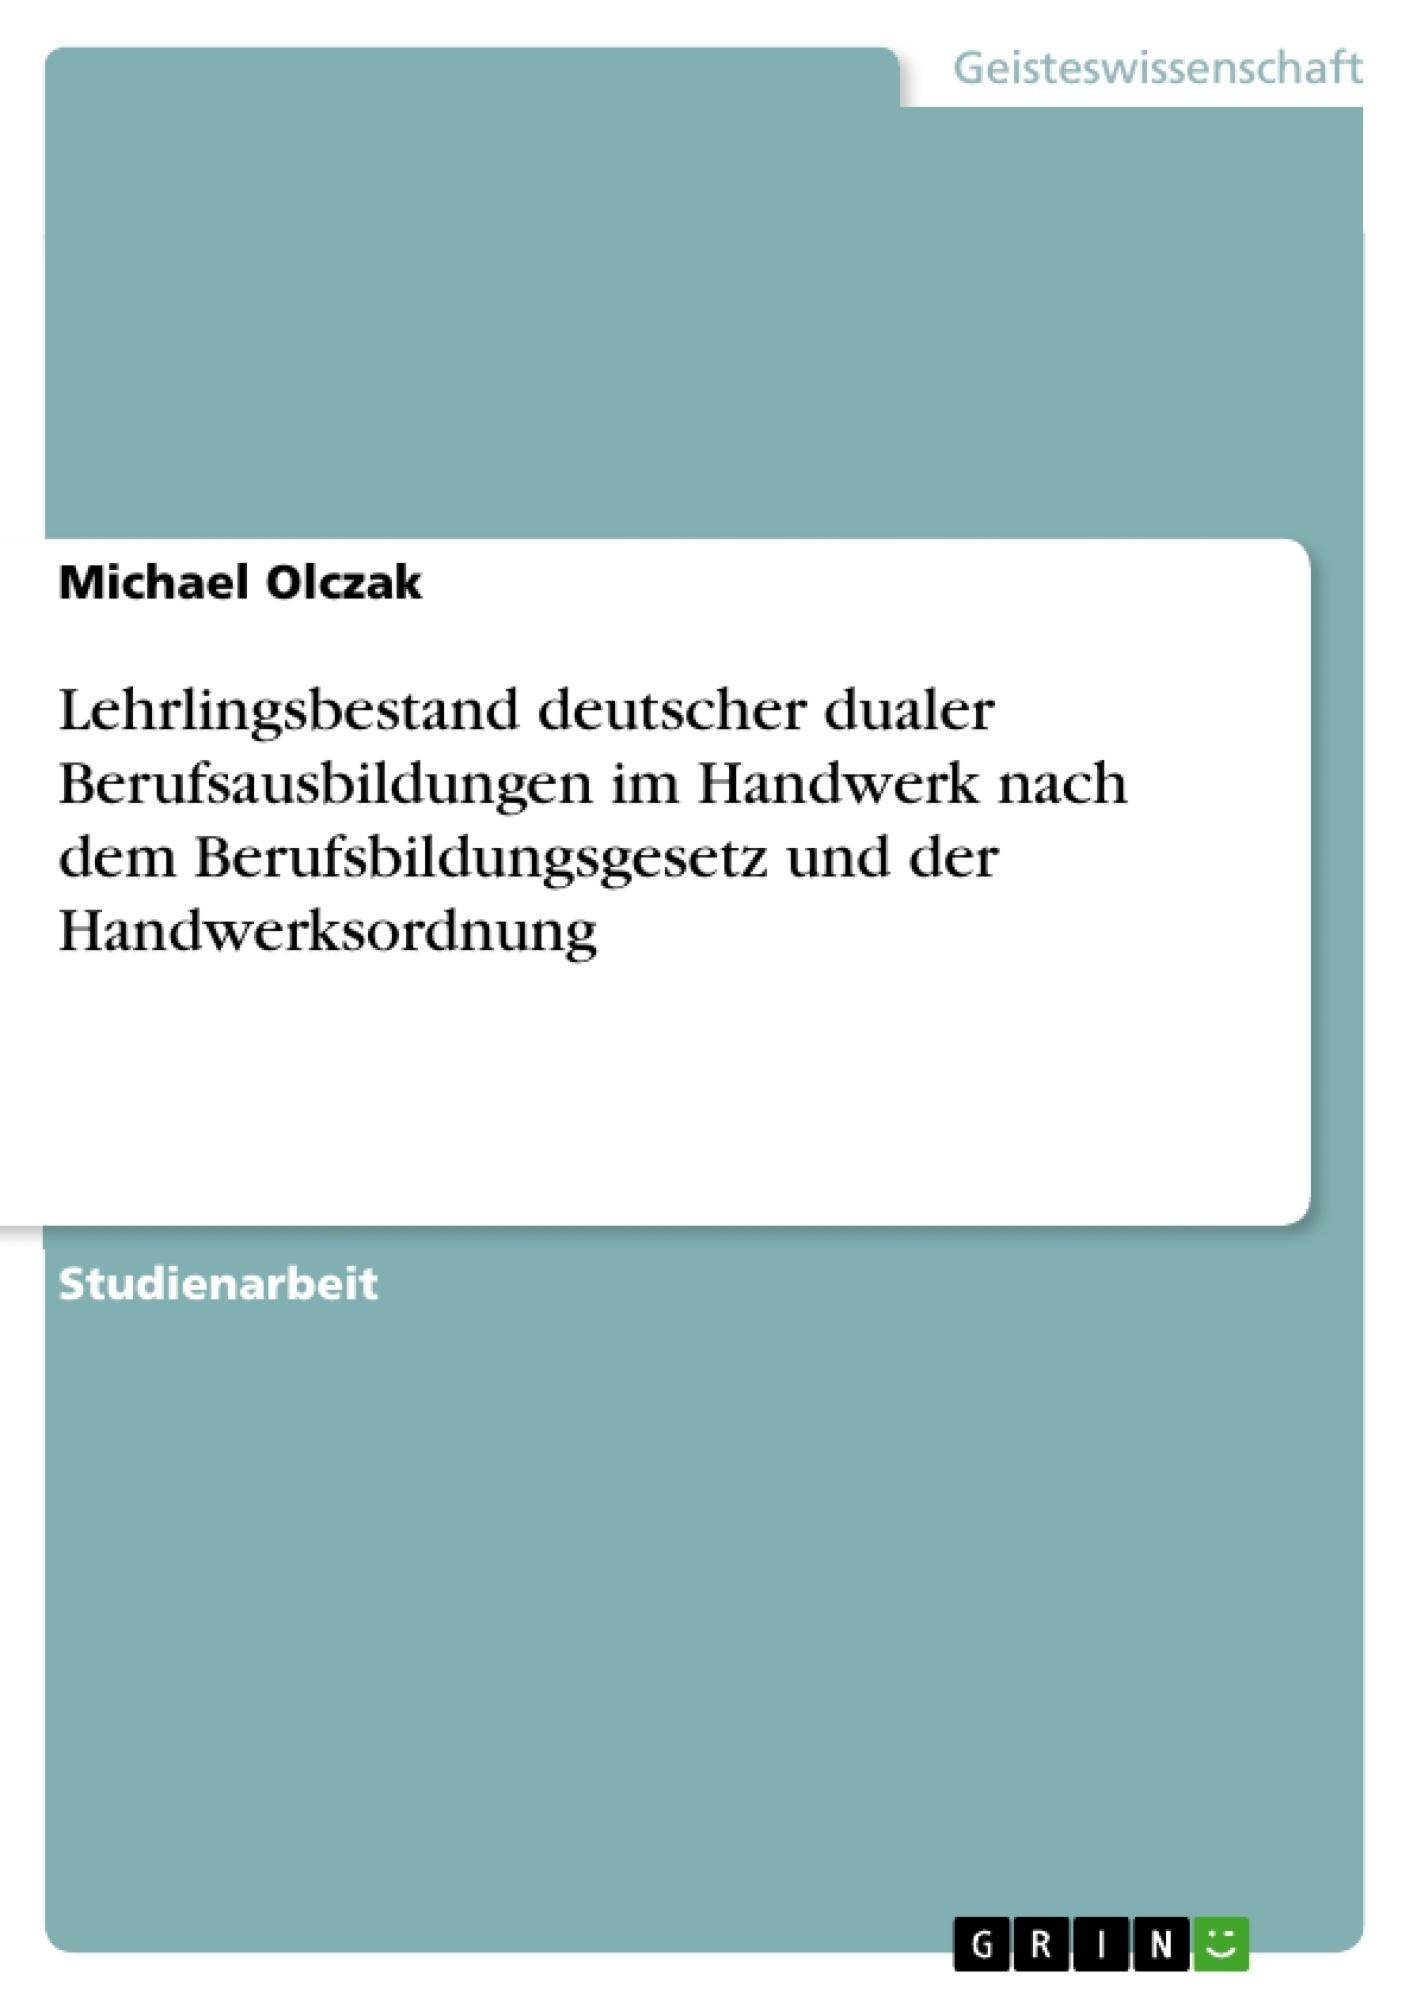 Titel: Lehrlingsbestand deutscher dualer Berufsausbildungen im Handwerk nach dem Berufsbildungsgesetz und der Handwerksordnung